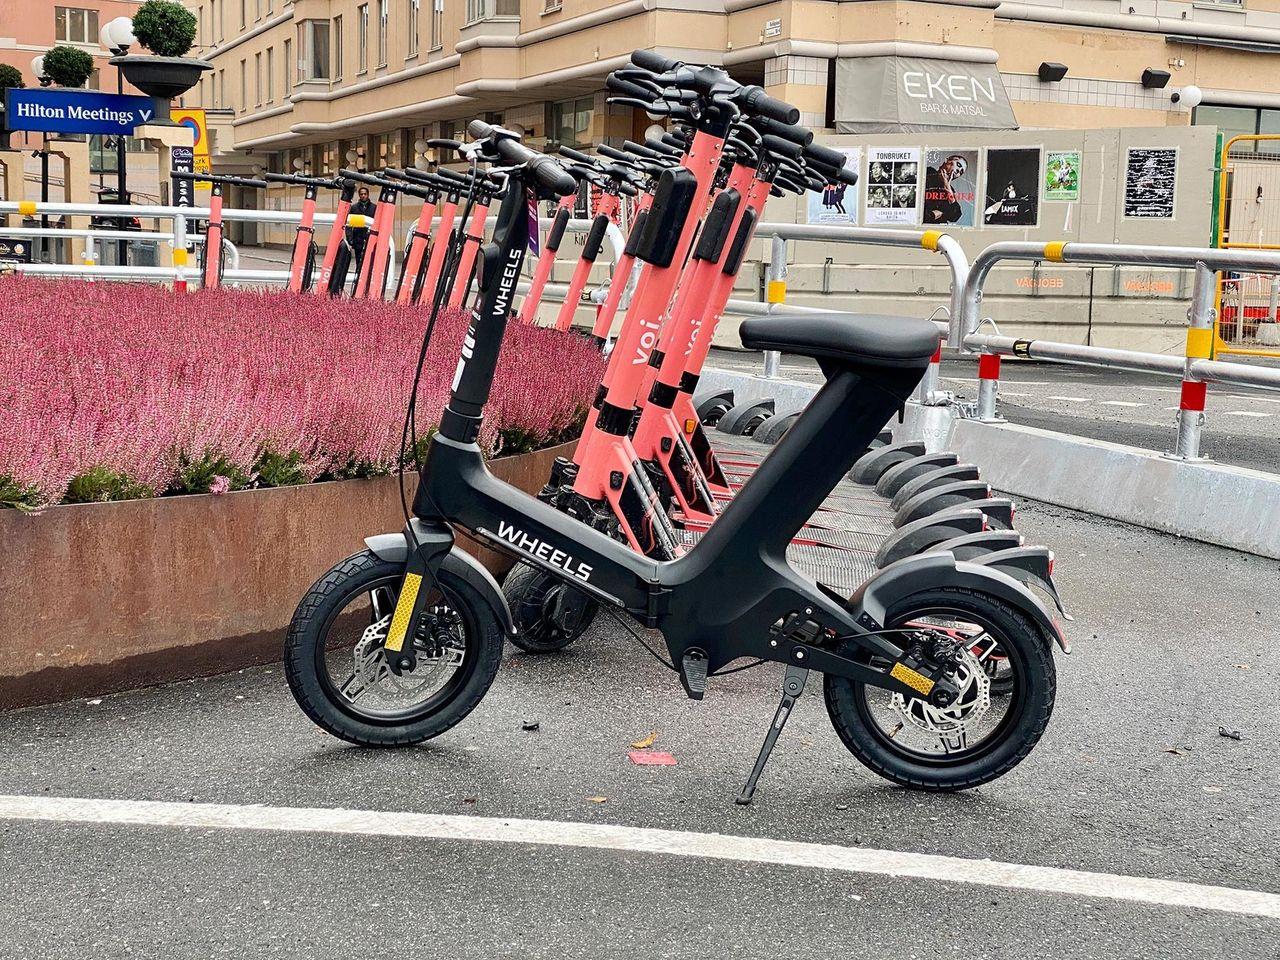 Cykeltjänsten Wheels kommer till Göteborg